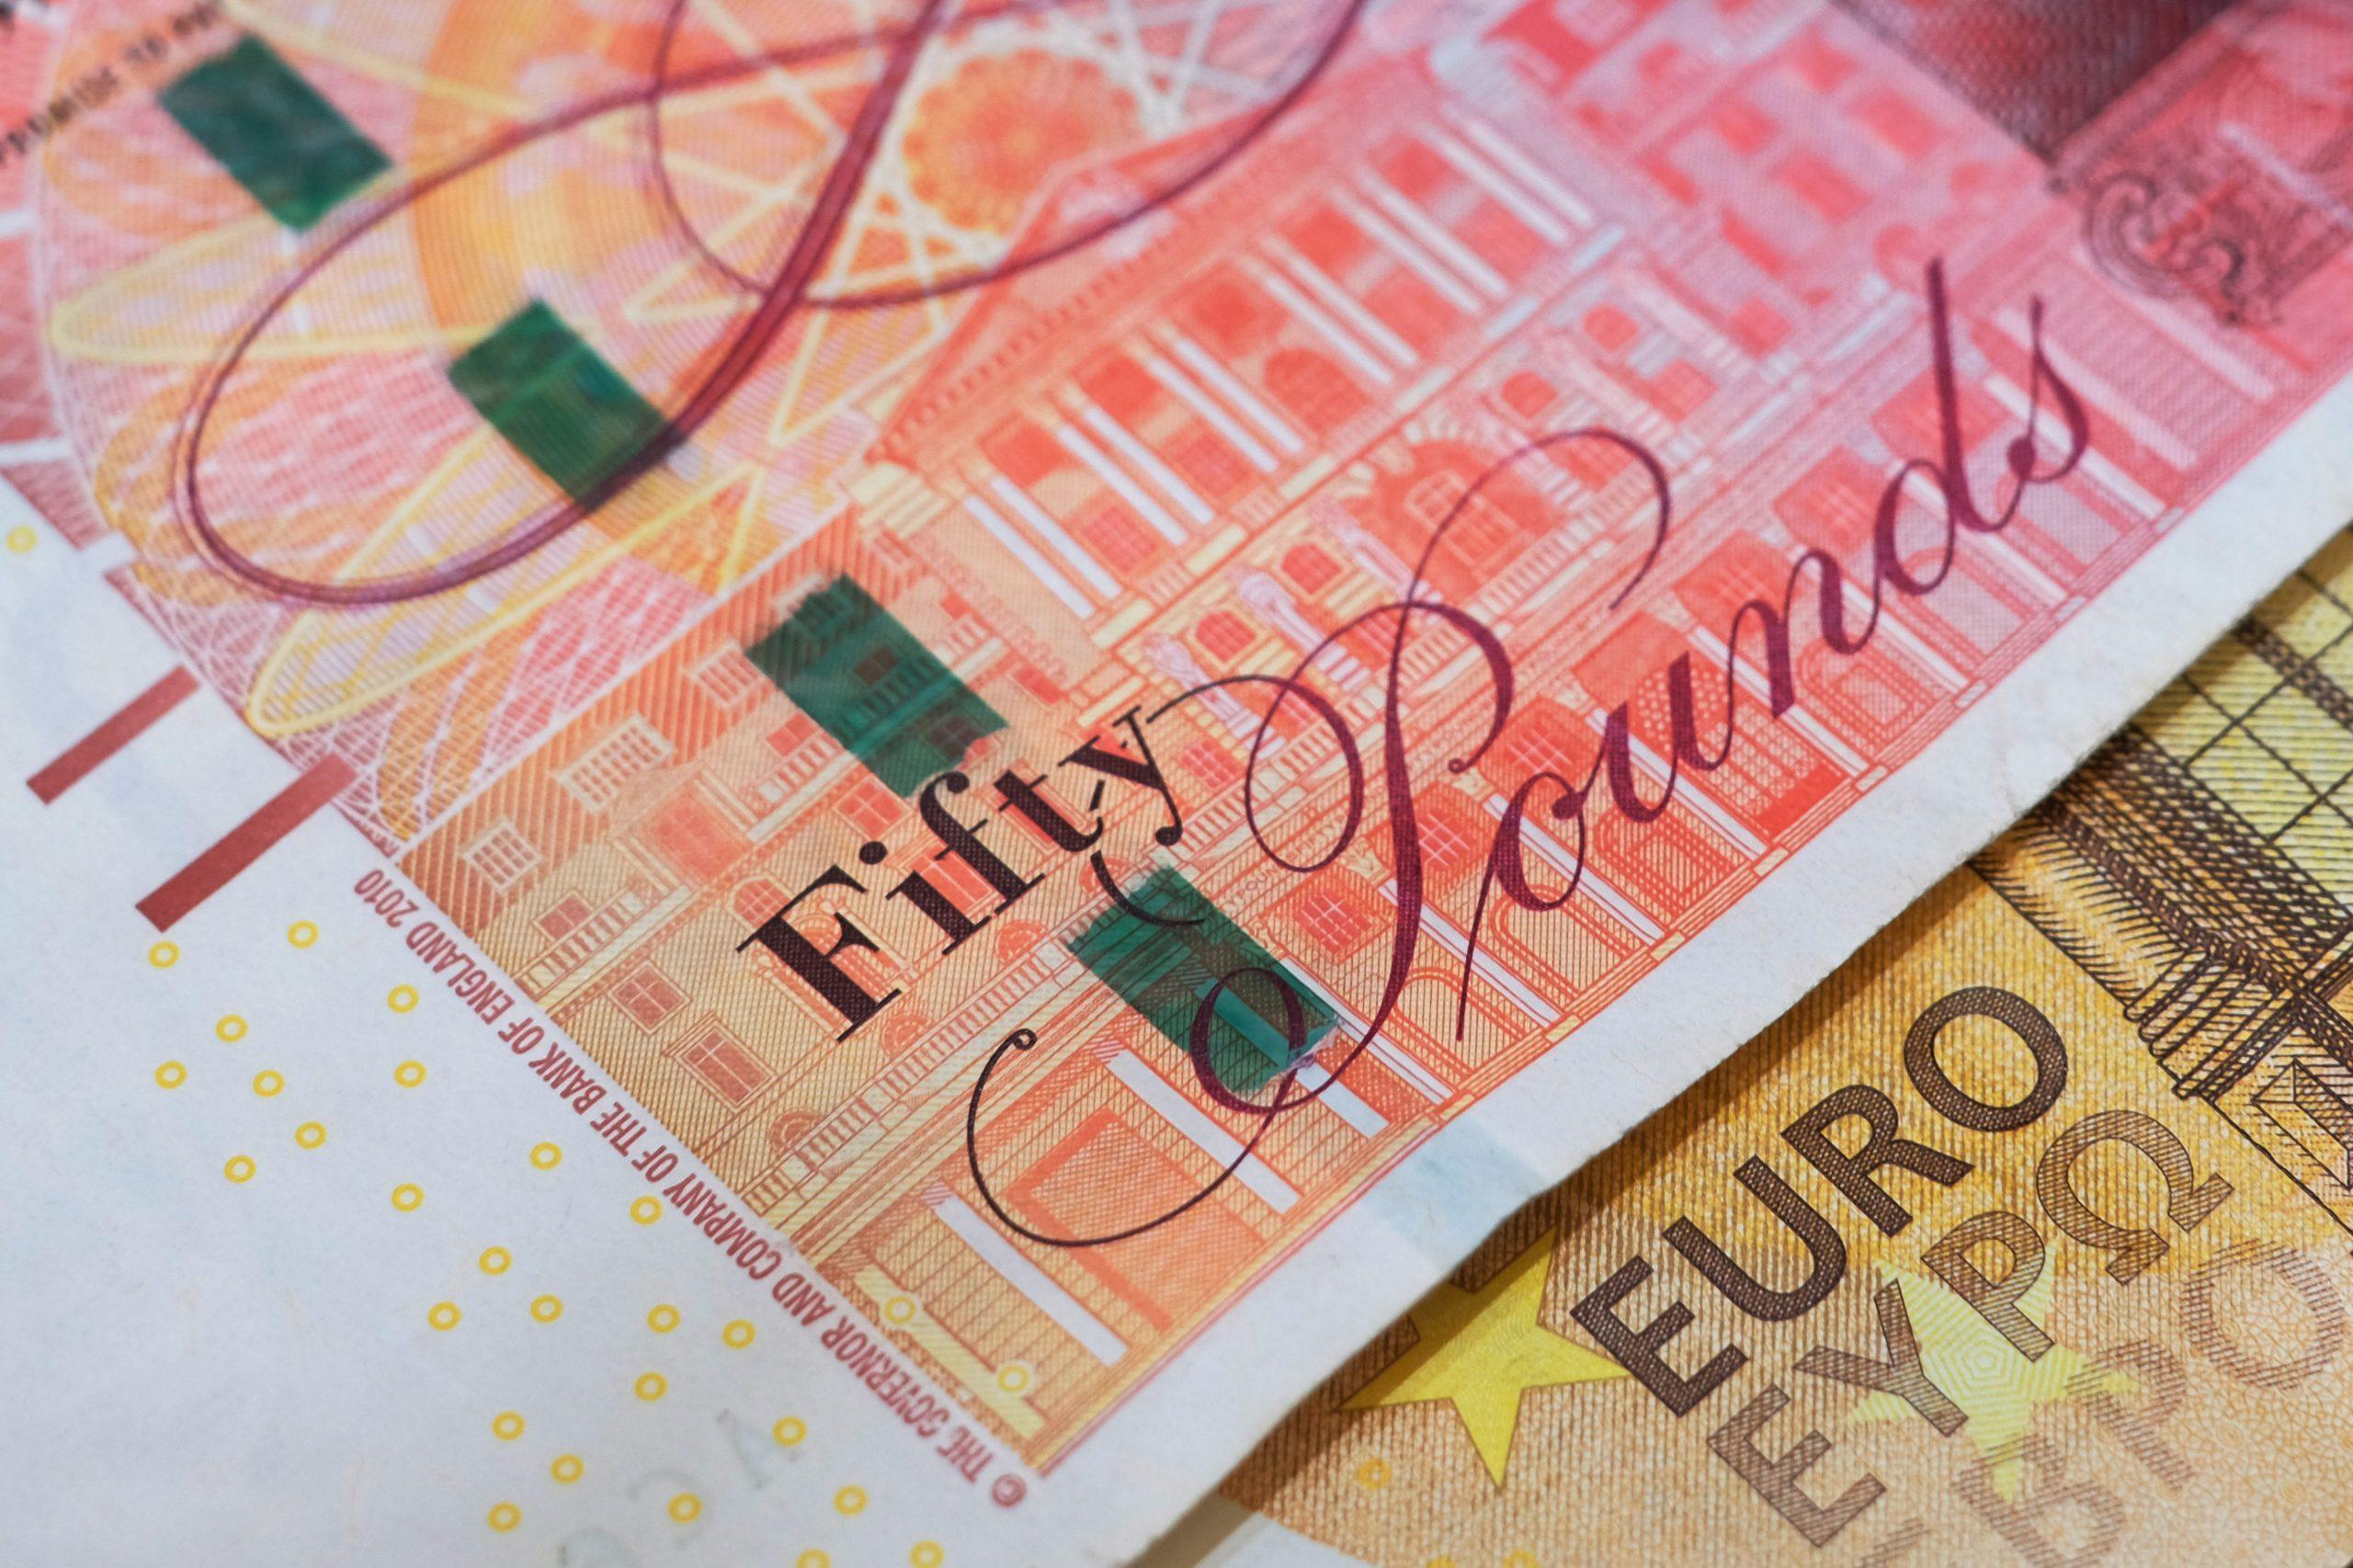 Un billet de 50 livres sterling est posé sur un billet de 50 euros.